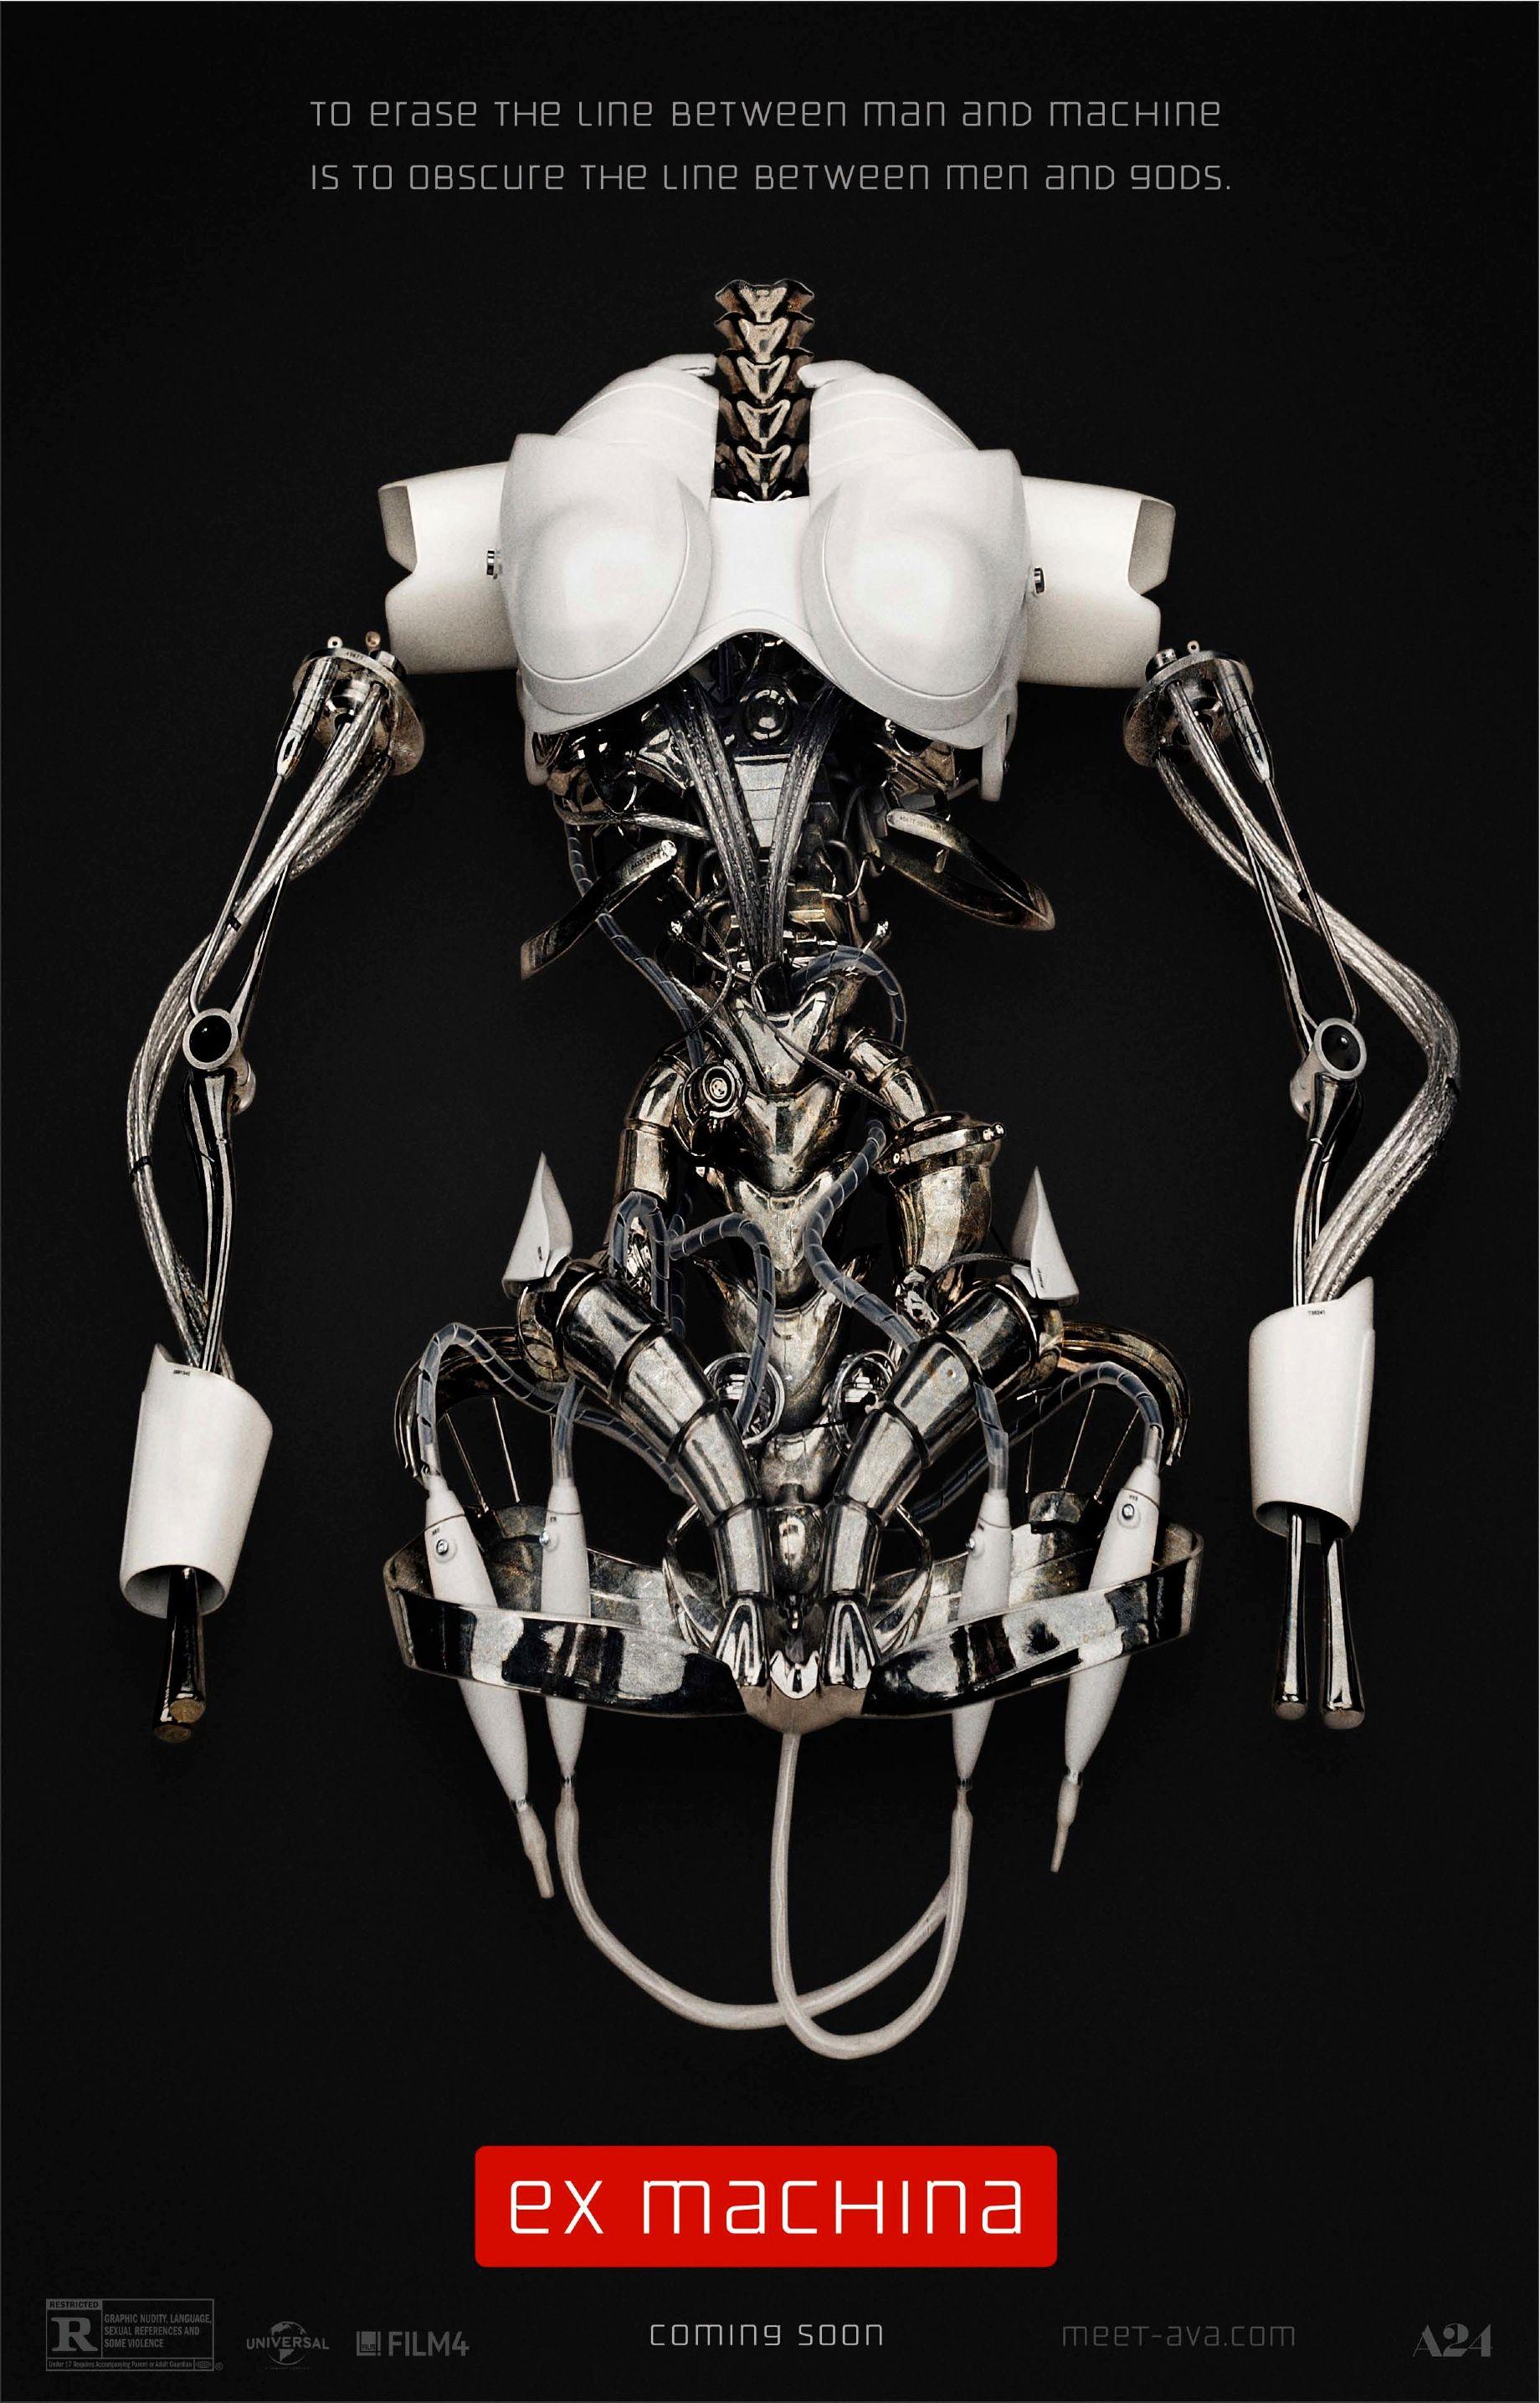 http://cdn.collider.com/wp-content/uploads/ex-machina-teaser-poster.jpg